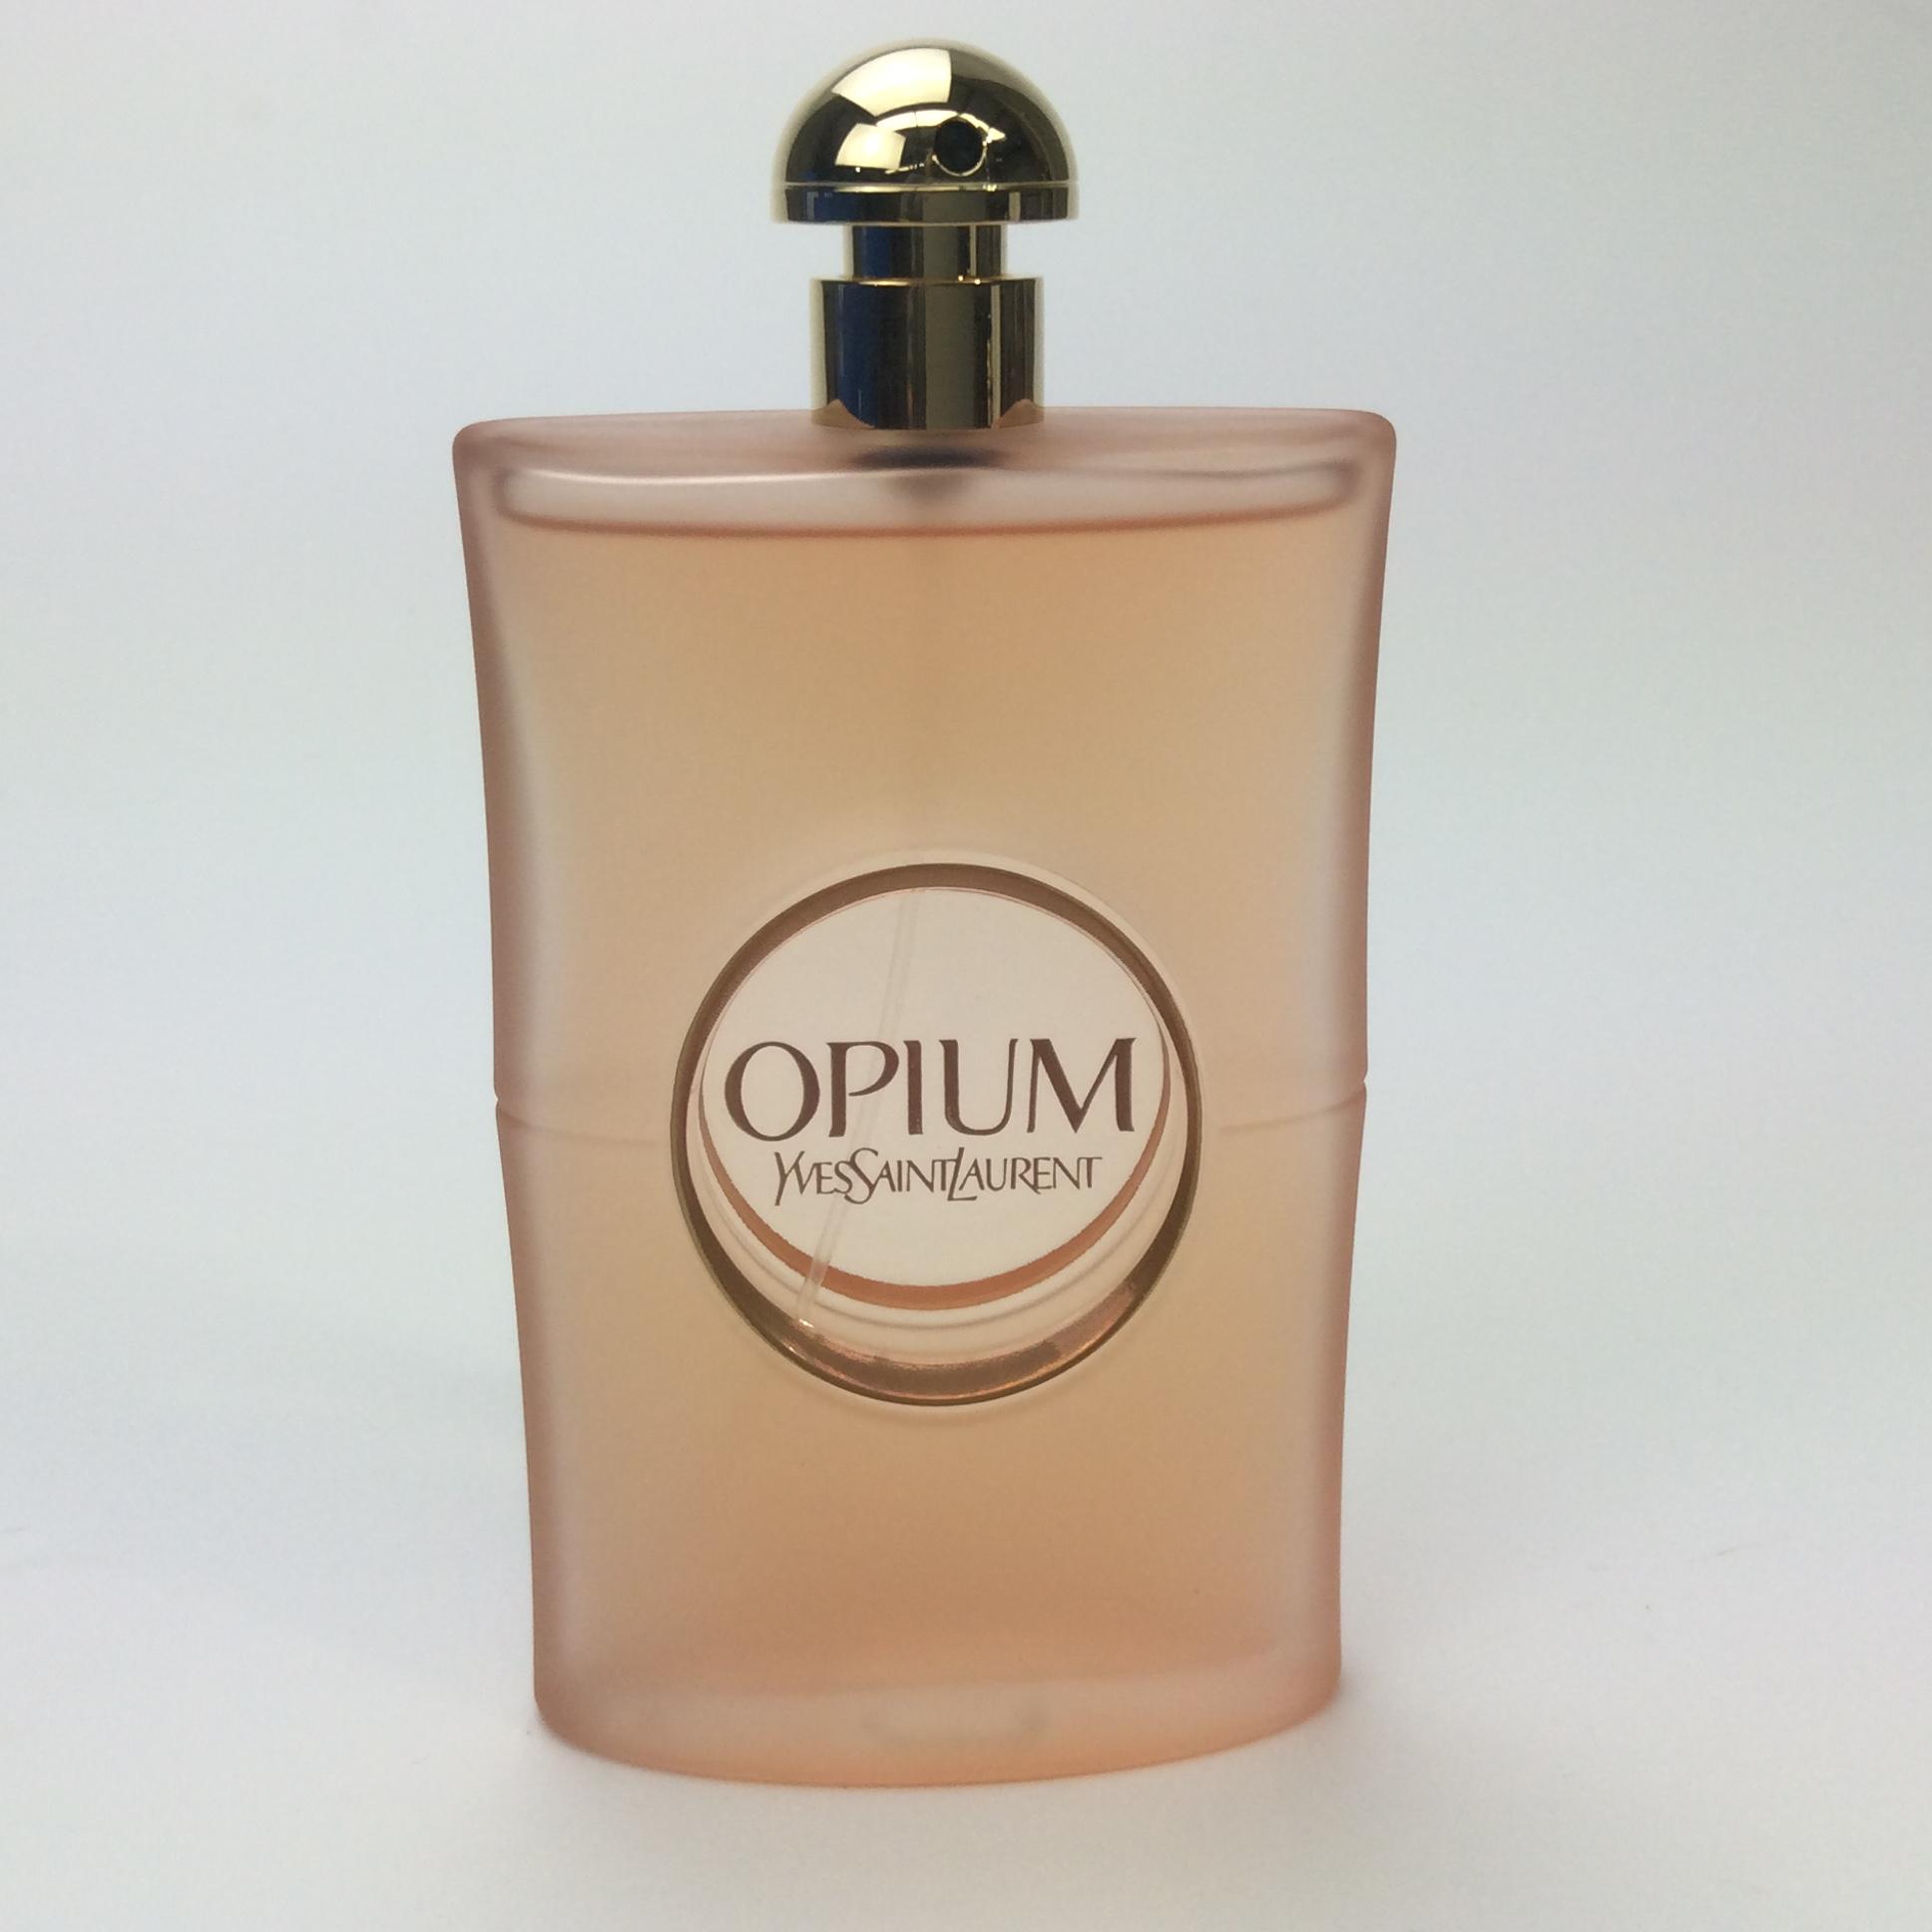 De Tester Legere Toilette Parfum 125ml Unboxed Opium Eau Vapeurs f67byg